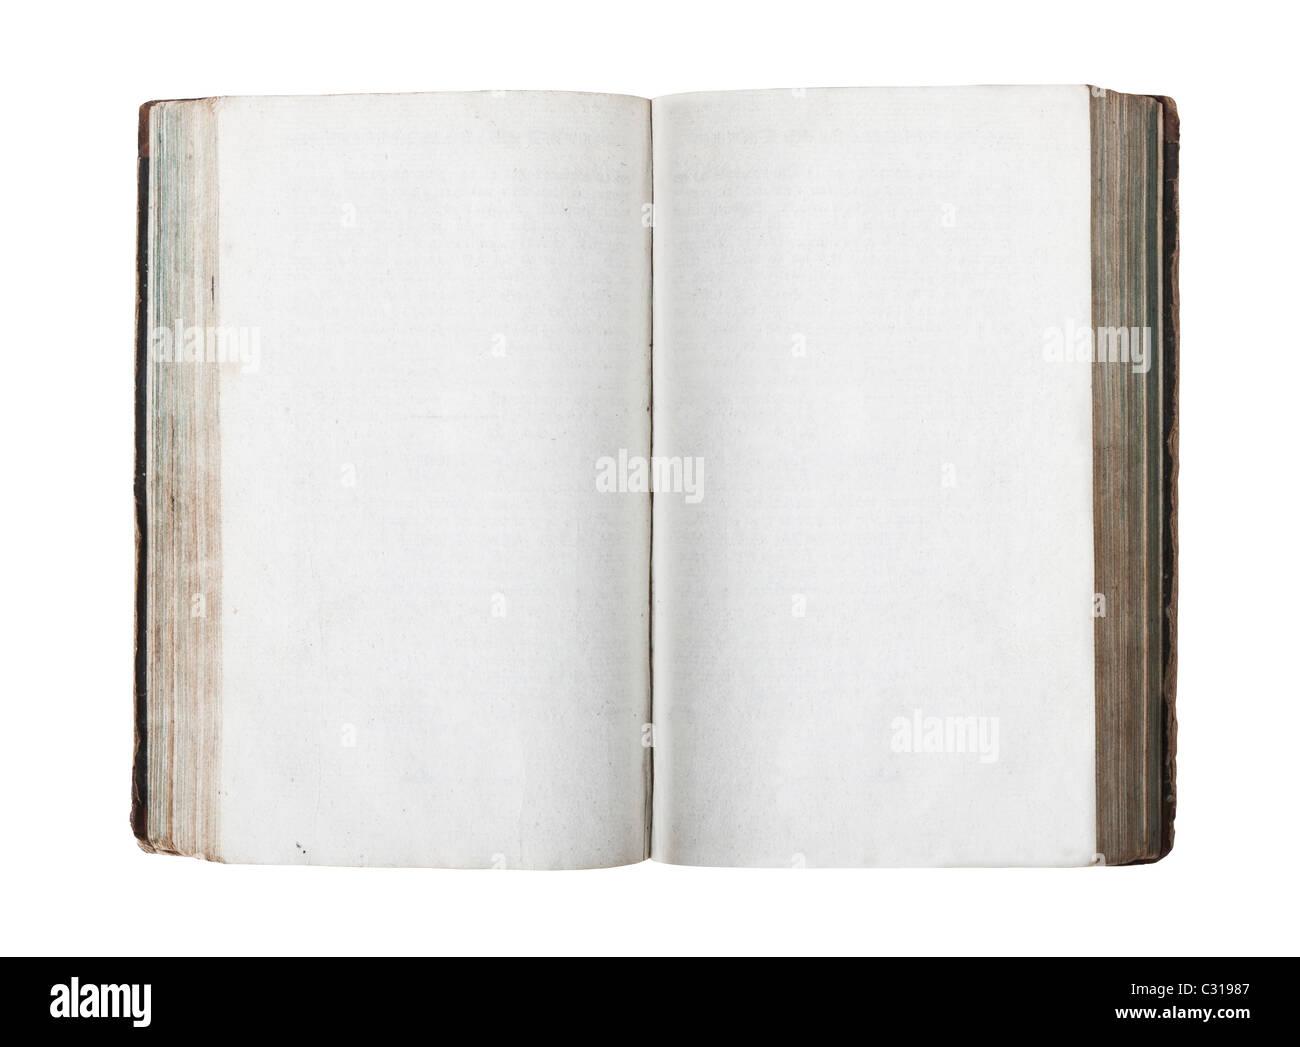 Abrir libro viejo con páginas vacías aislado sobre fondo blanco. Imagen De Stock